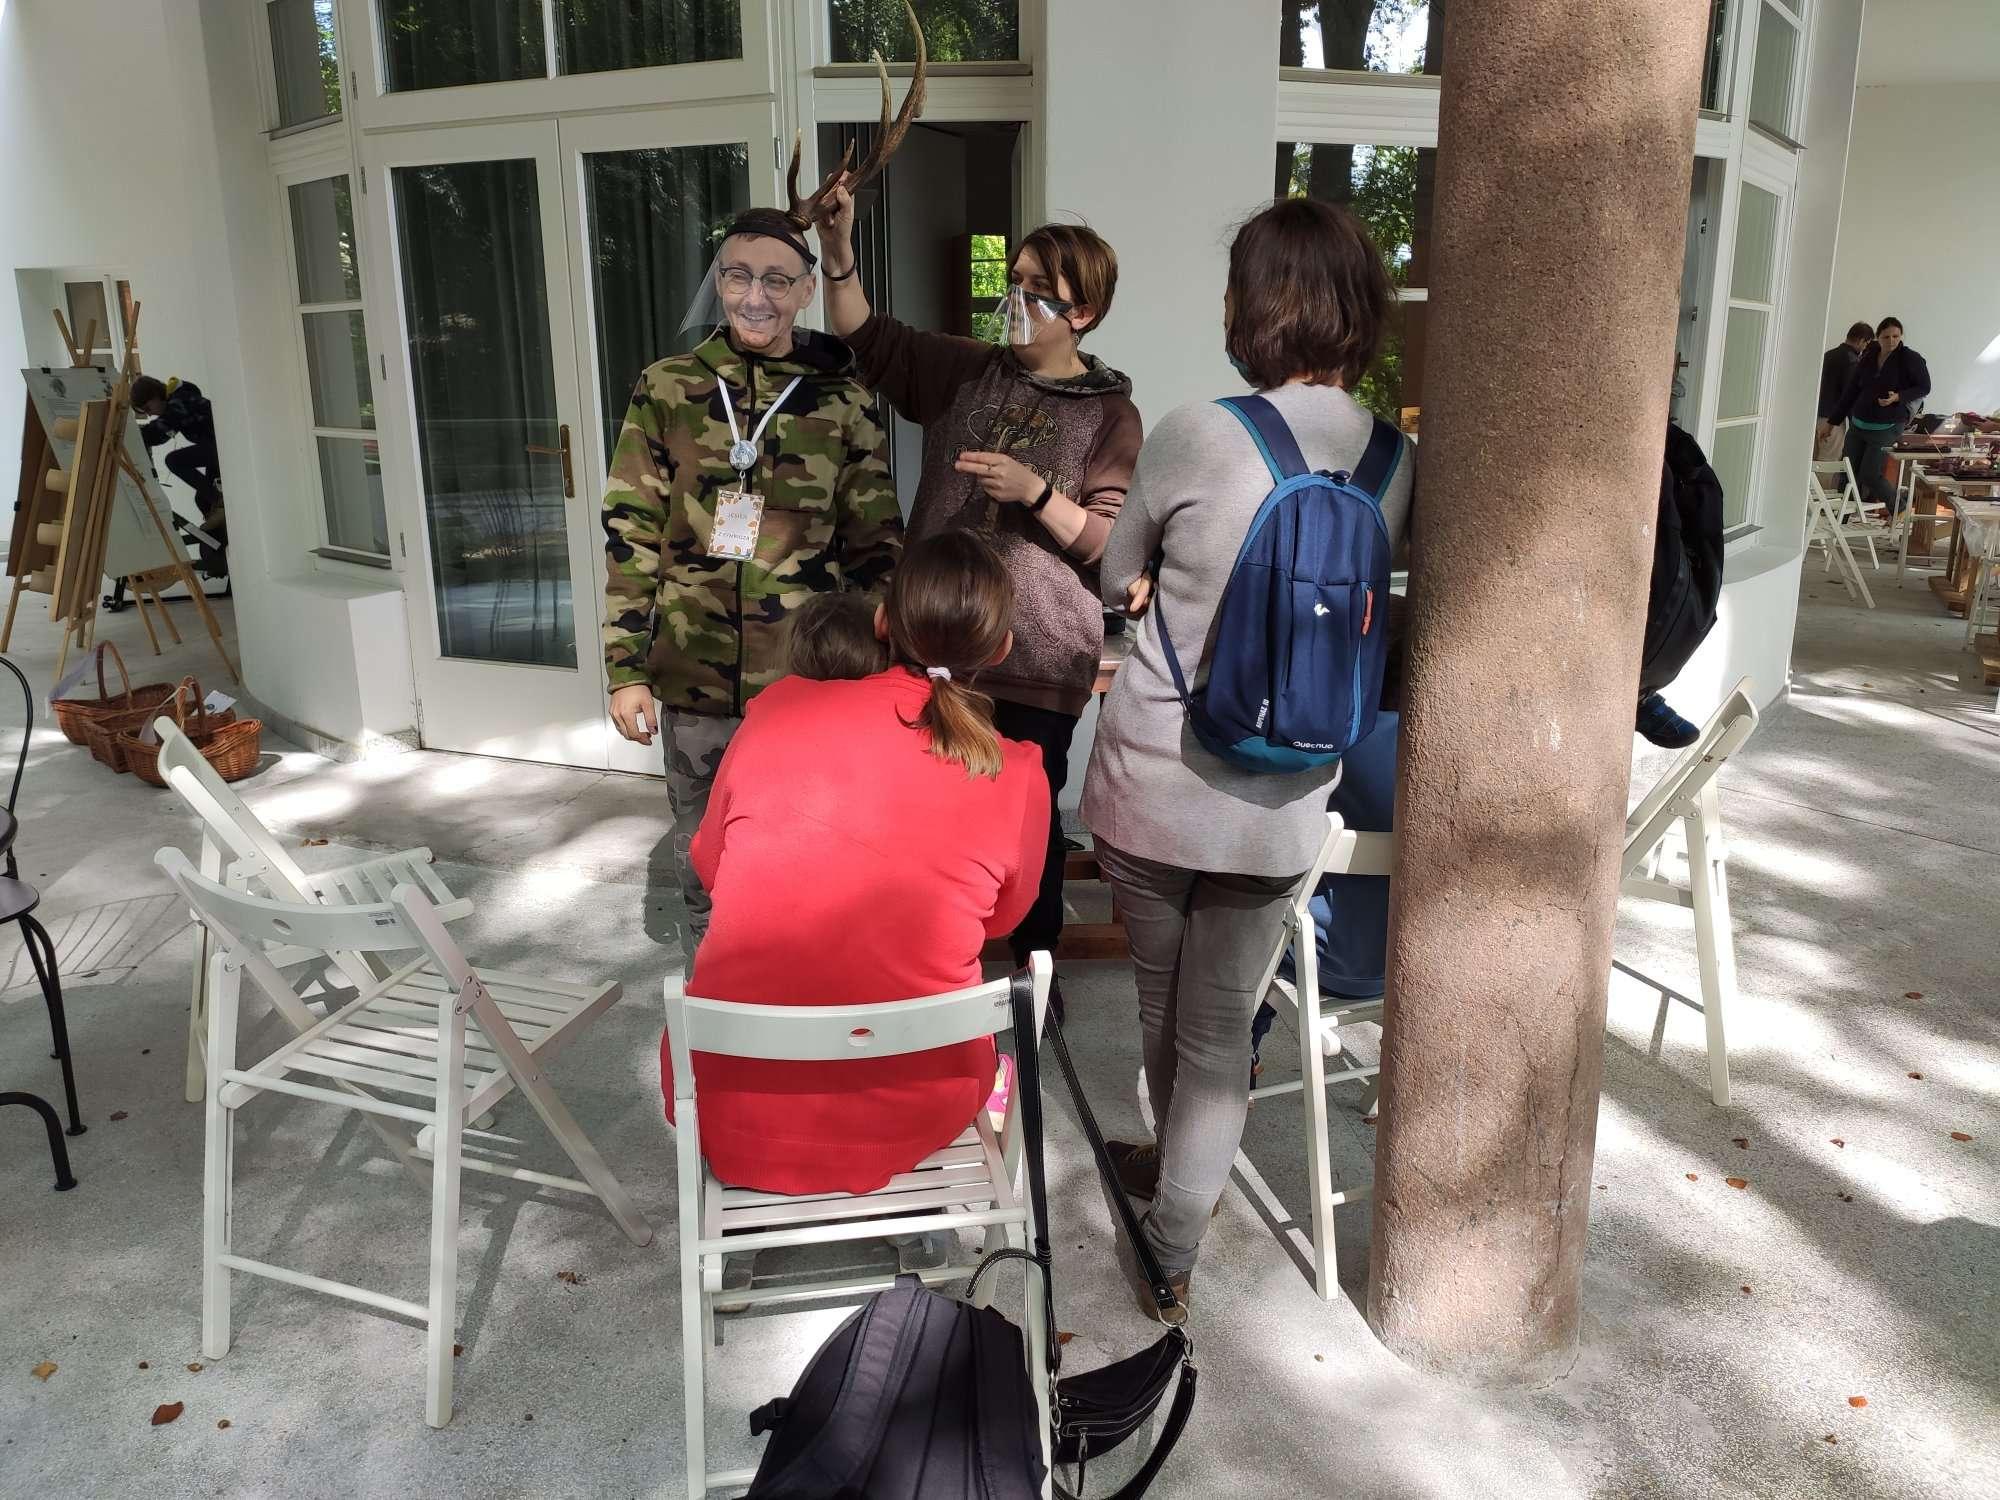 Zdjęcie na tarasie CEE Symbioza przedstawiające dwóch edukatorów w przyłbicach prowadzących warsztaty w lecie - na pierwszym tle uczestnicy zajęć siedzący na białych krzesłach